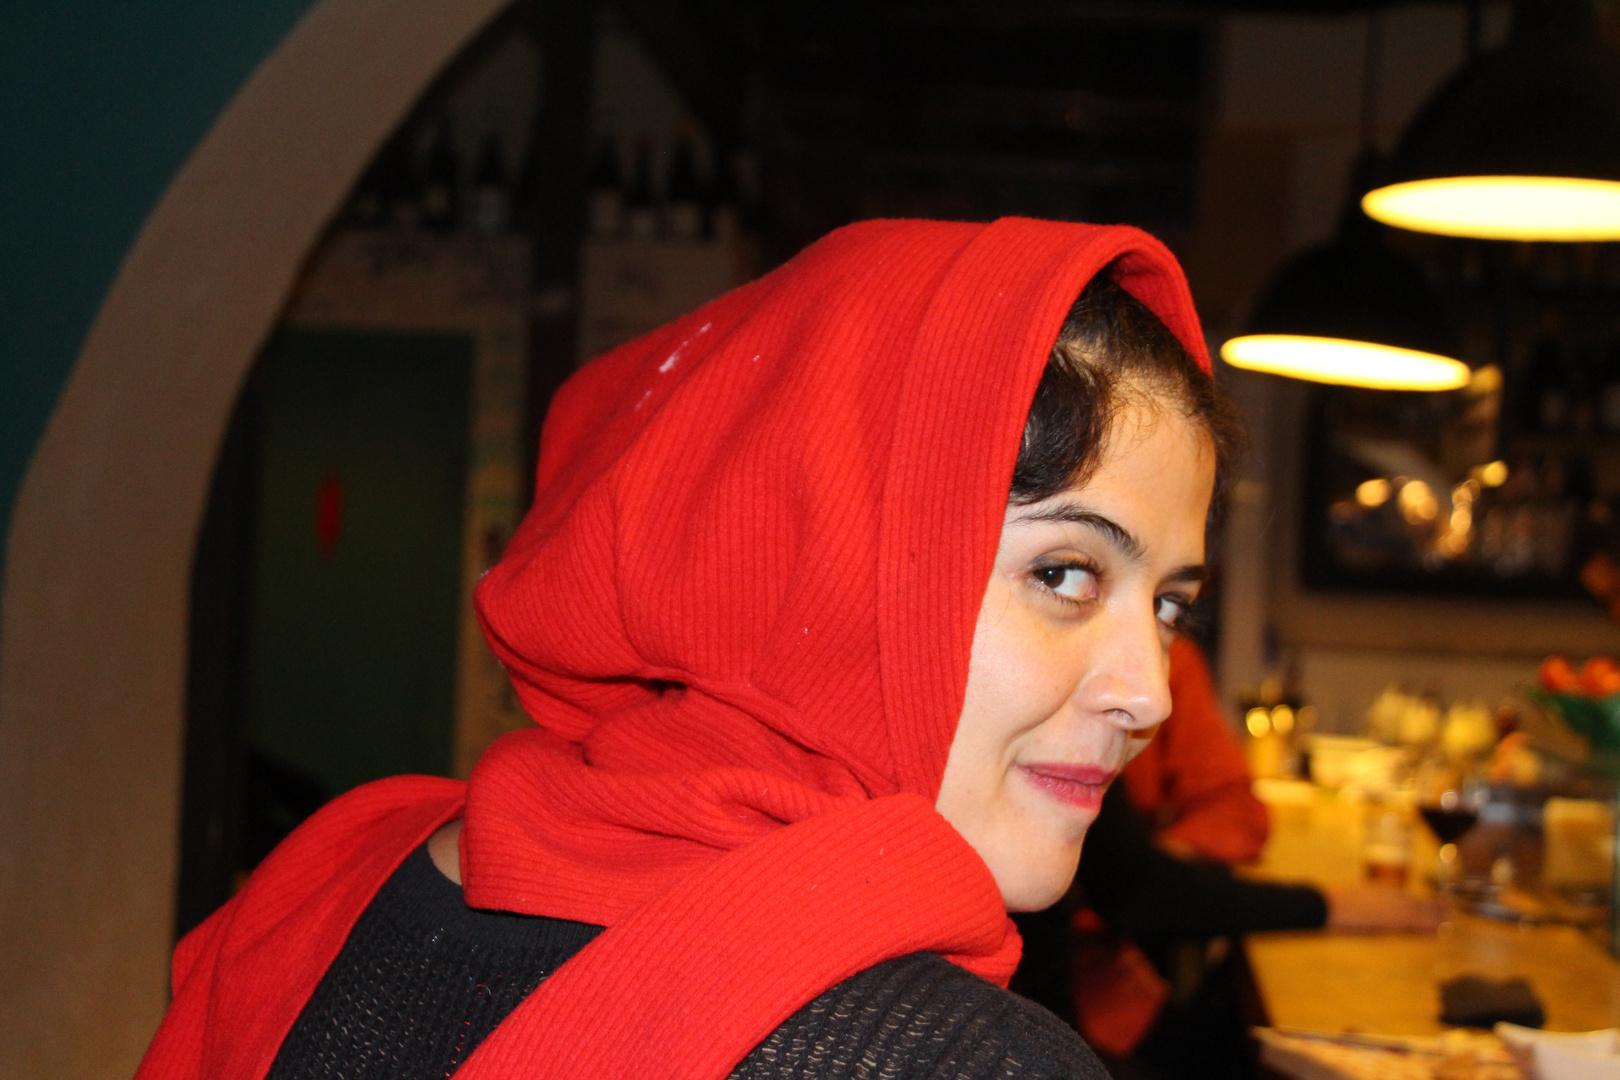 A Barcelone, j'ai rencontré le chaperon rouge . . .